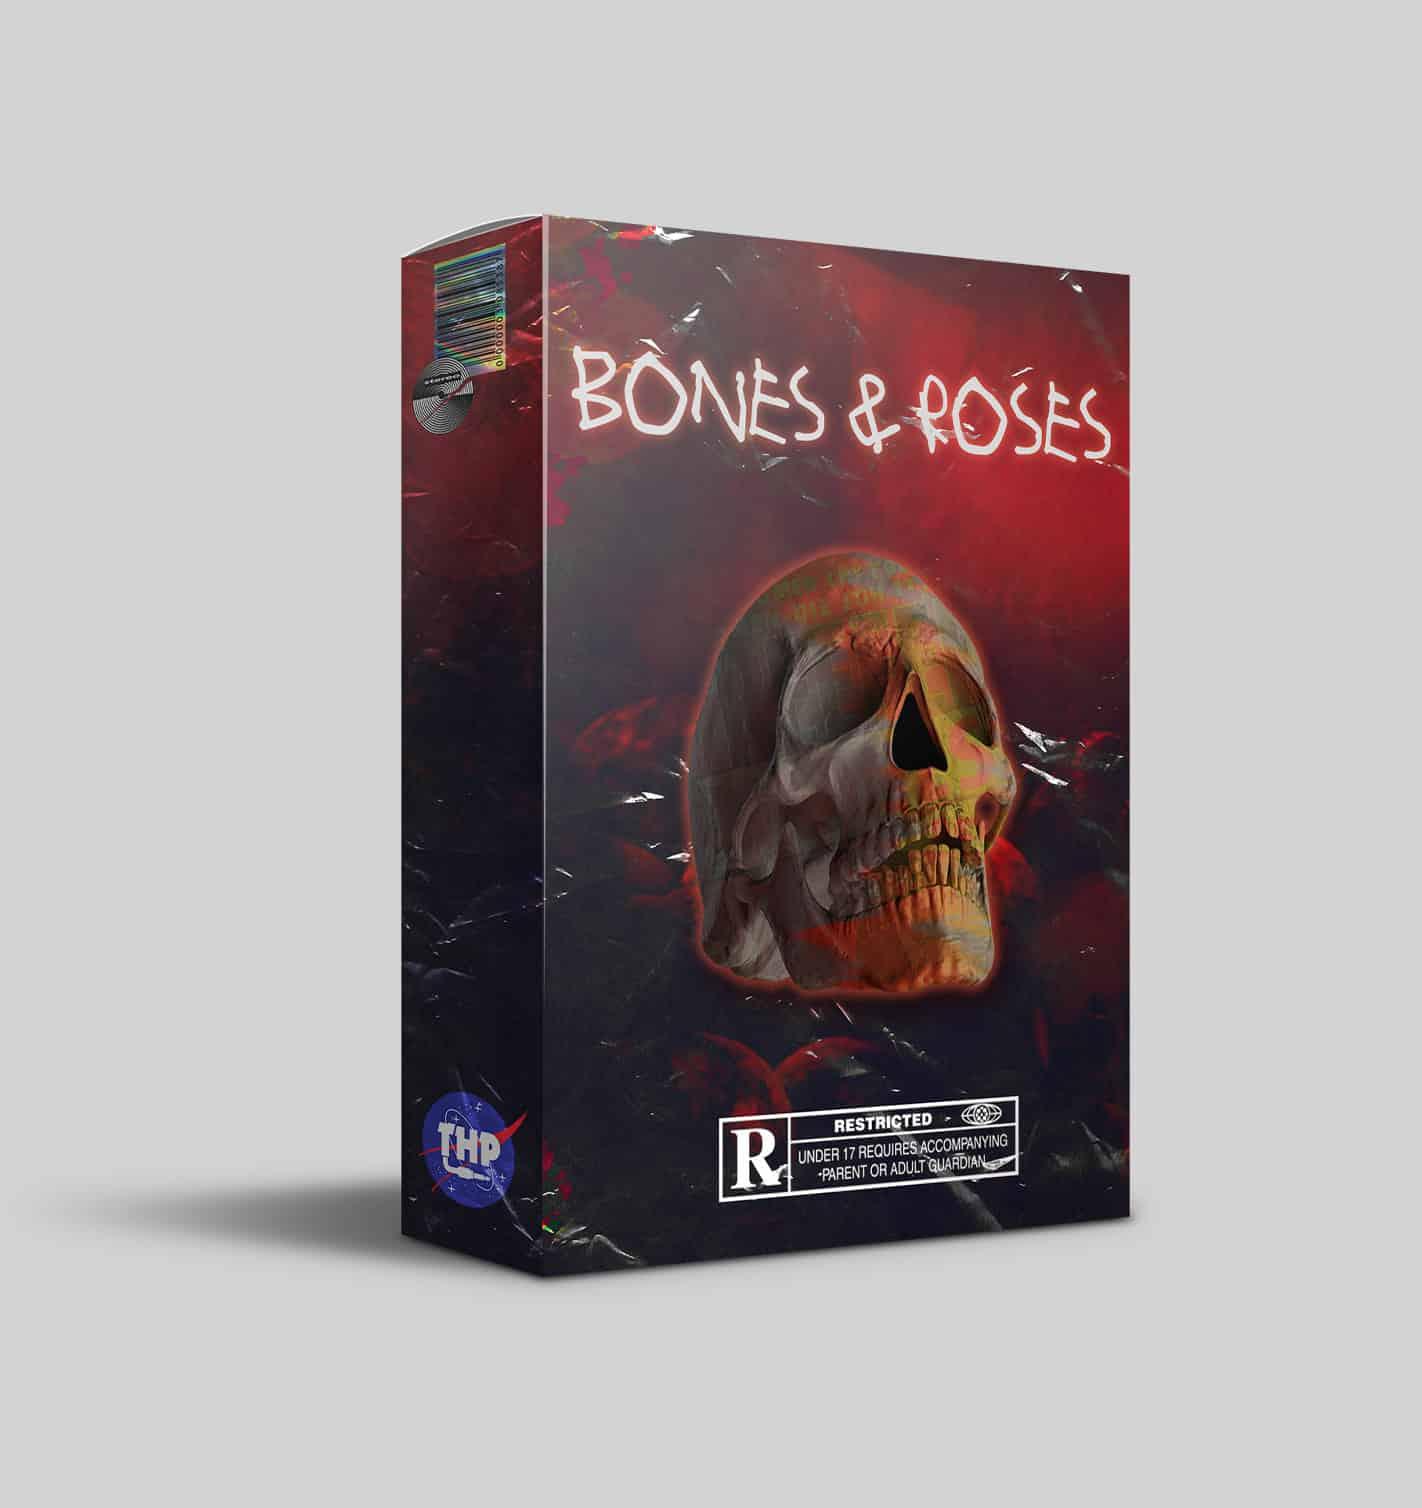 Bones & Roses Free Loops